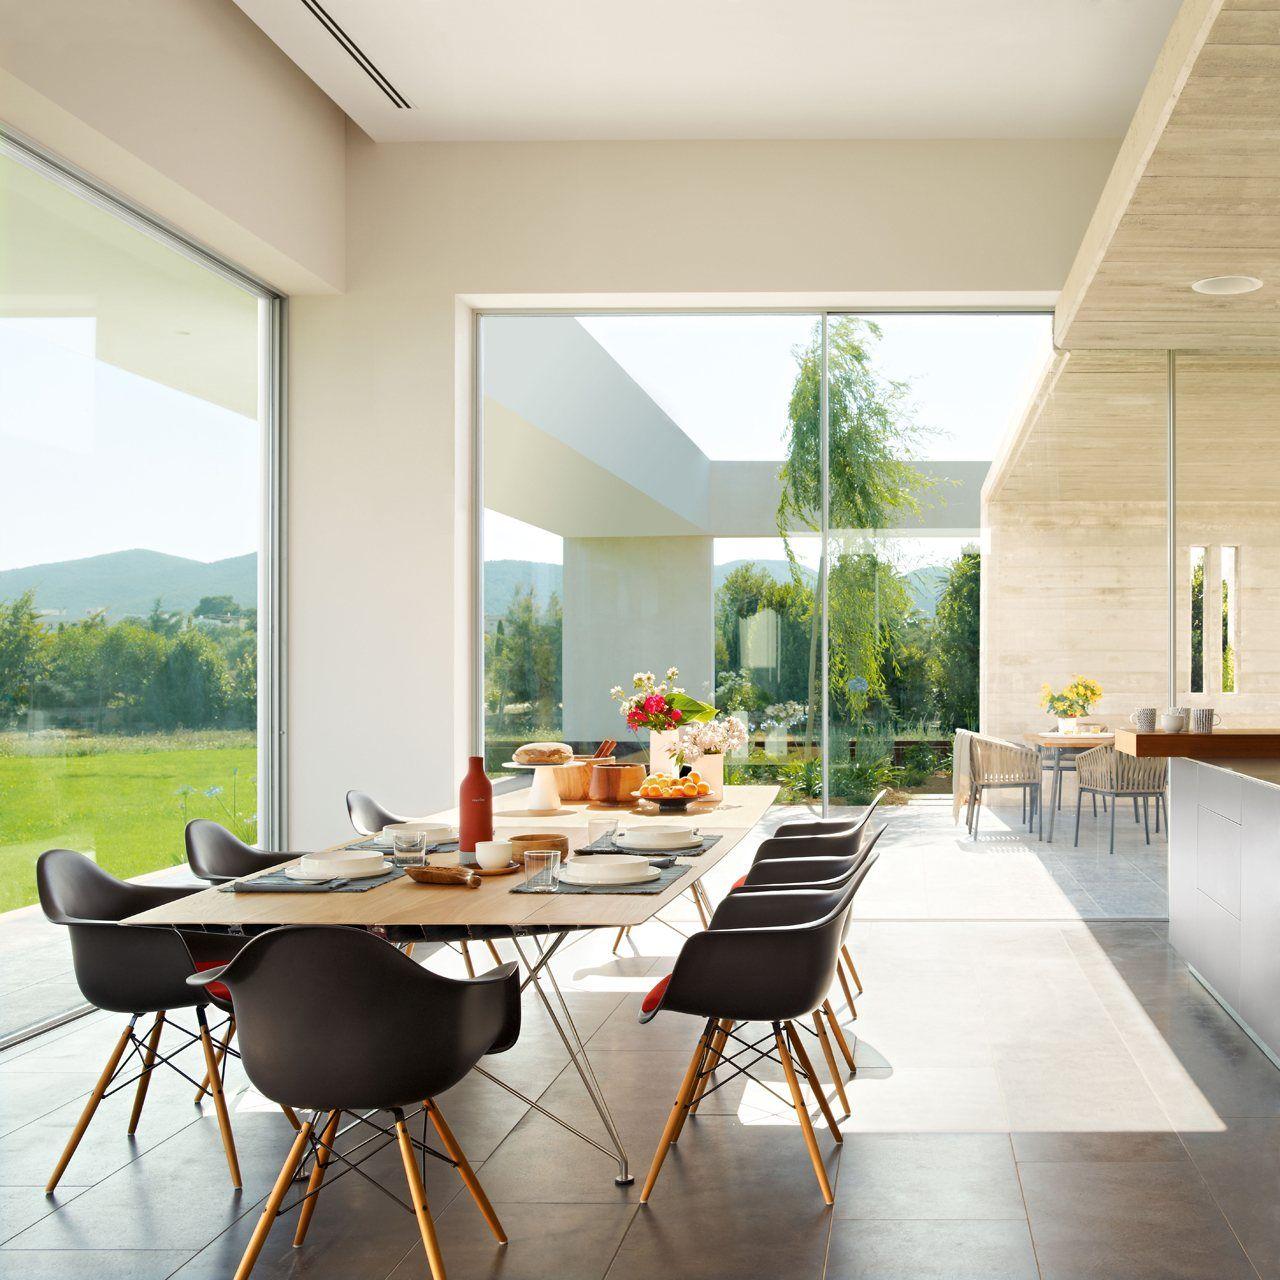 Una cocina fundida con el exterior · ElMueble.com · Cocinas y baños